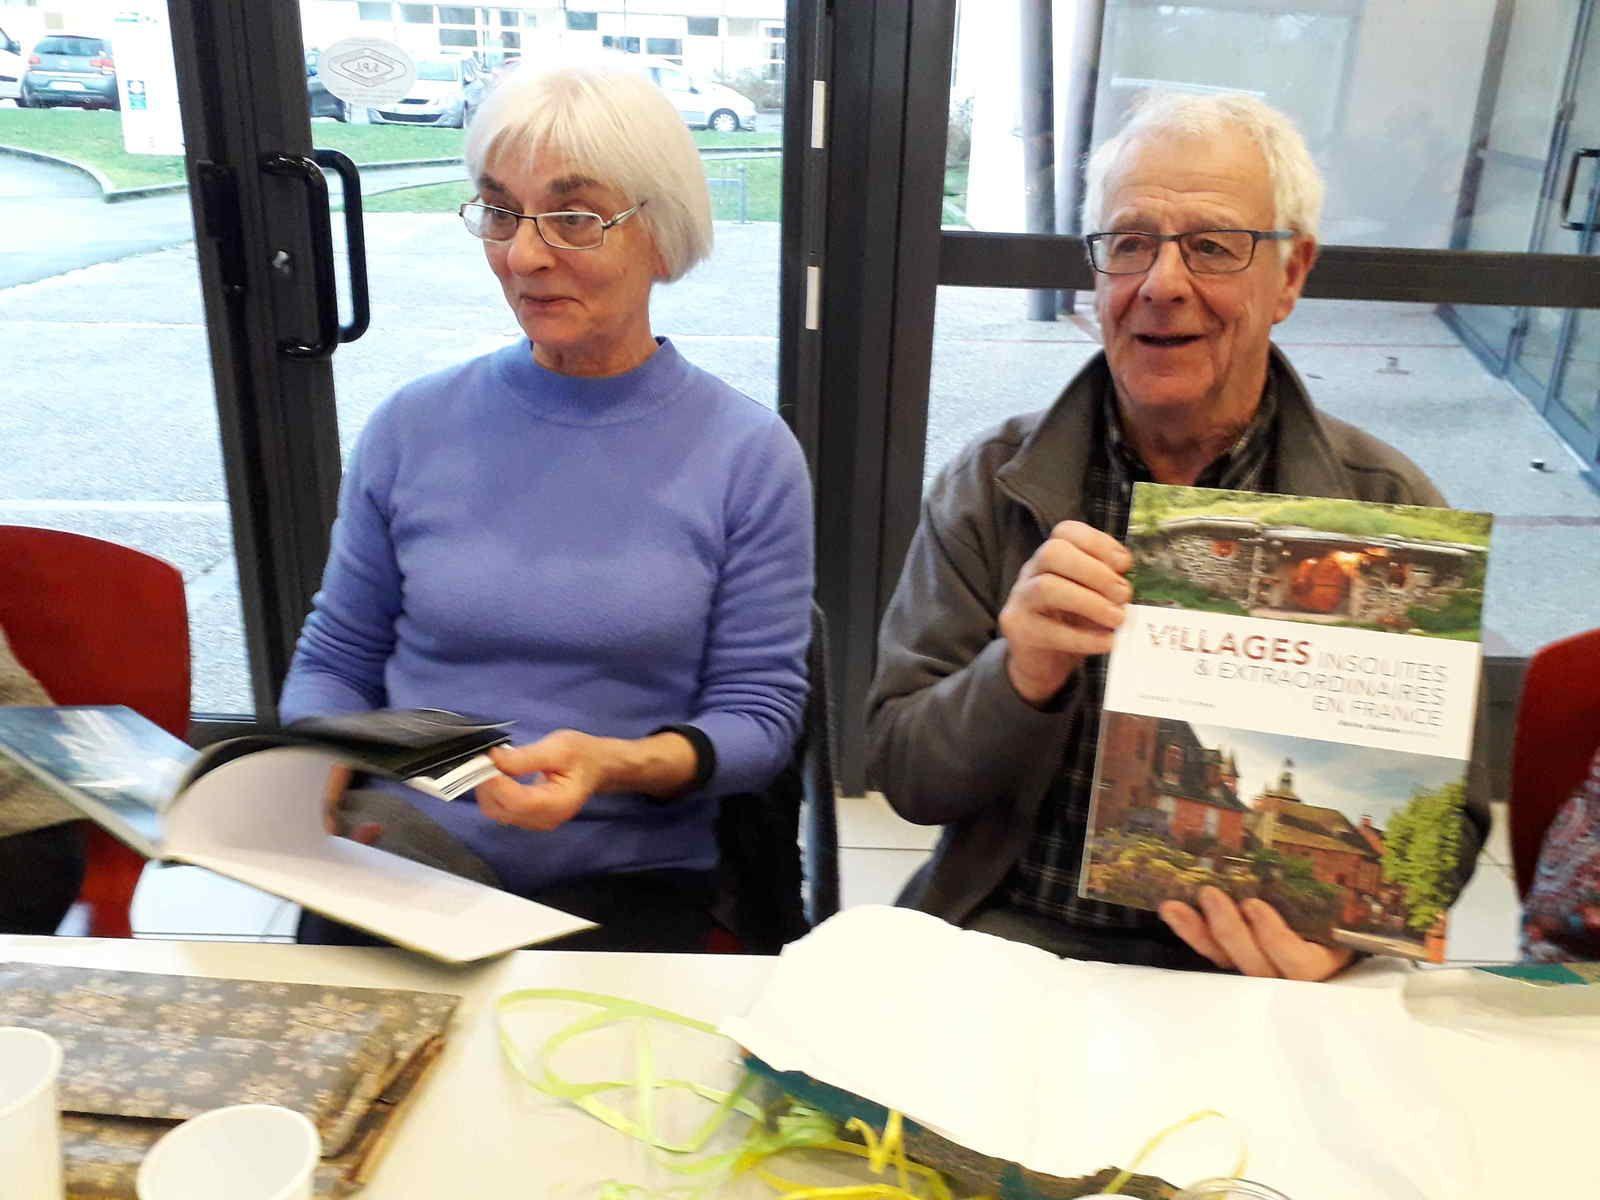 Ginette et Alain Desgranges présentent leur beau livre